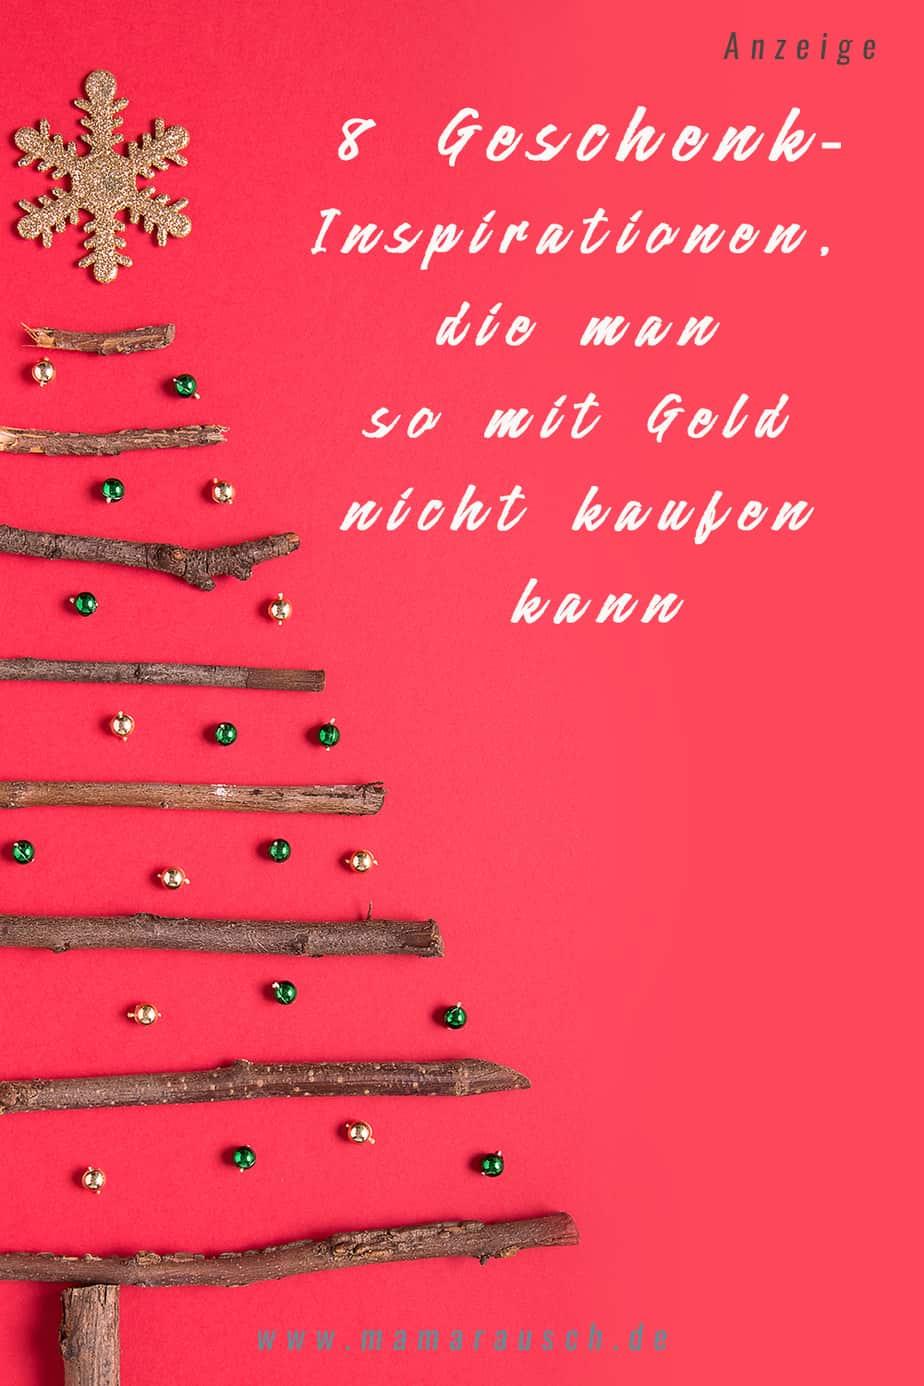 PENNY bringt es mit einem rührendem Video auf den Punkt: Nur Liebe zählt zu Weihnachten. Gemeinsam mit Eisbär Nuno werden Herzenswünsche erfüllt. Weitere Geschenketipps die fast nichts kosten gibt es auch.